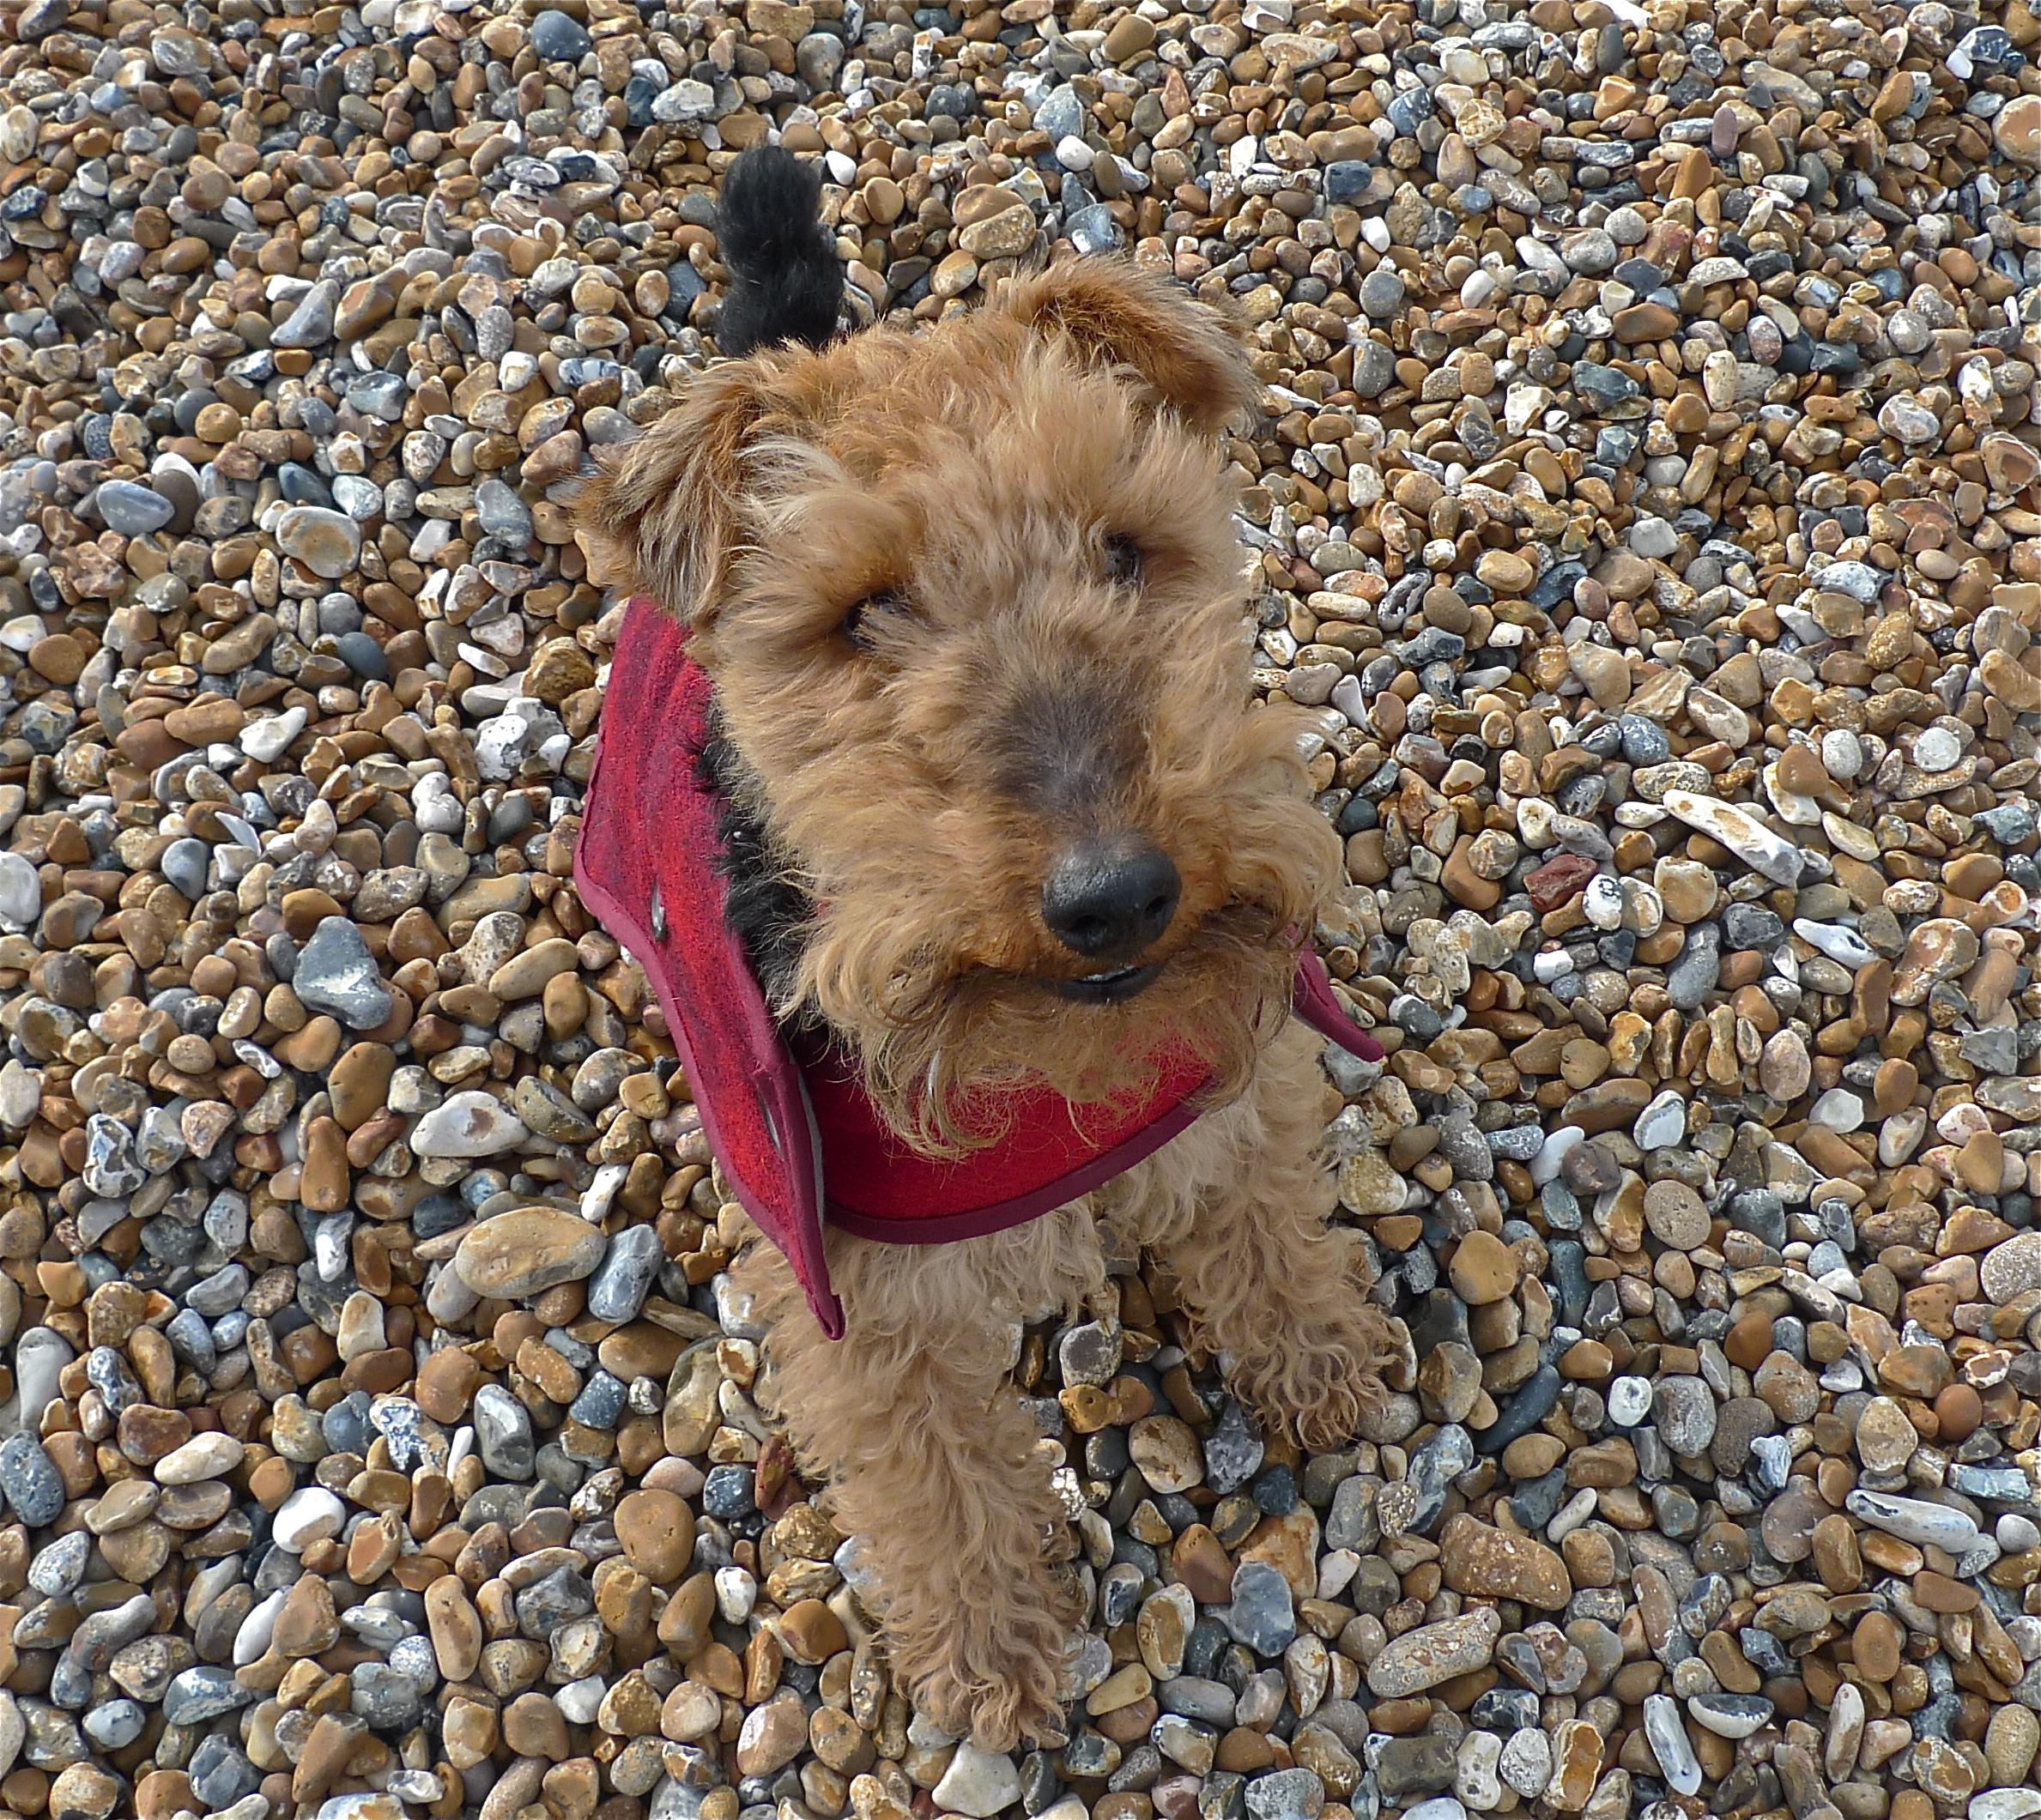 Noodles in his Harris Tweed dog coat on Brighton beach